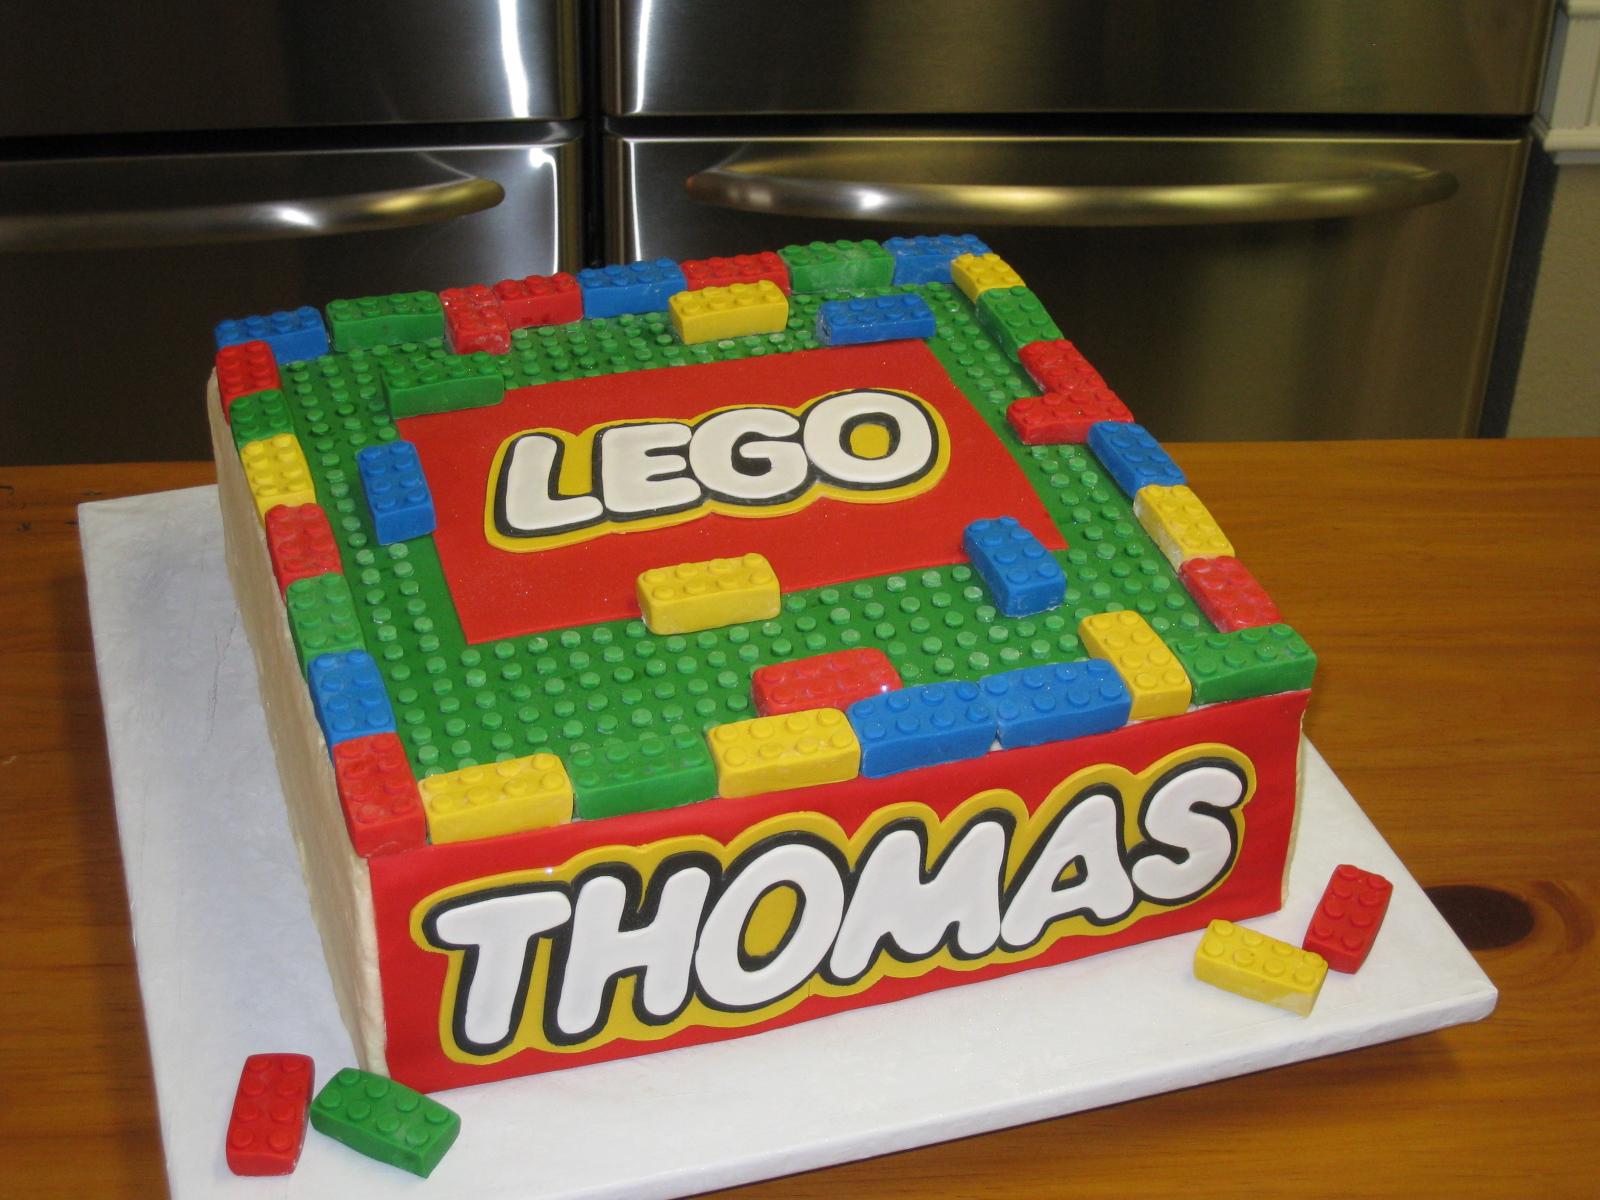 Lego cake   Flickr - Photo Sharing!